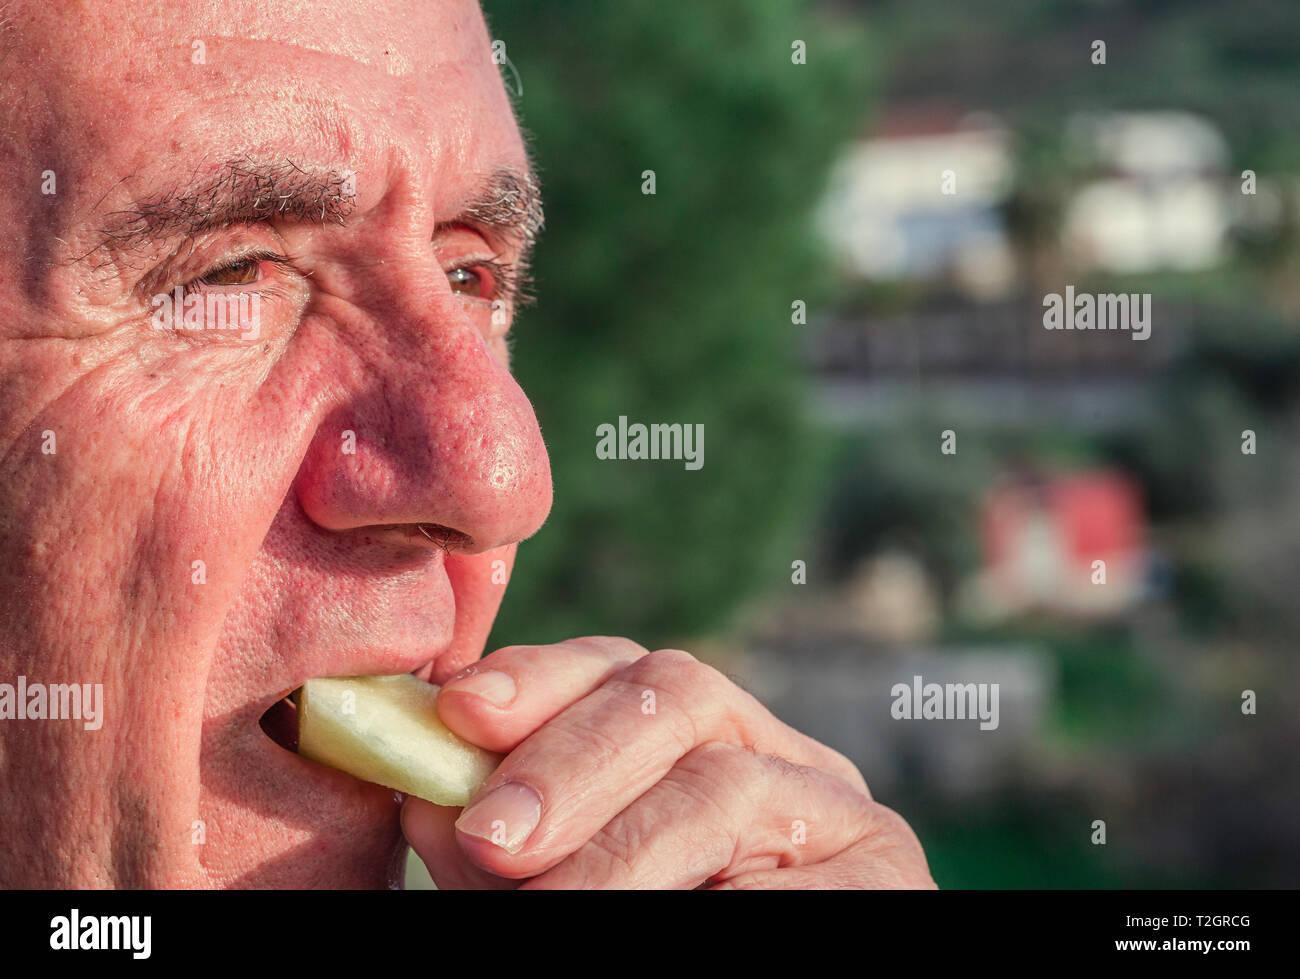 Close-up retrato de un senior de 70-79 años comiendo manzana en exterior, concepto de estilo de vida saludable Imagen De Stock